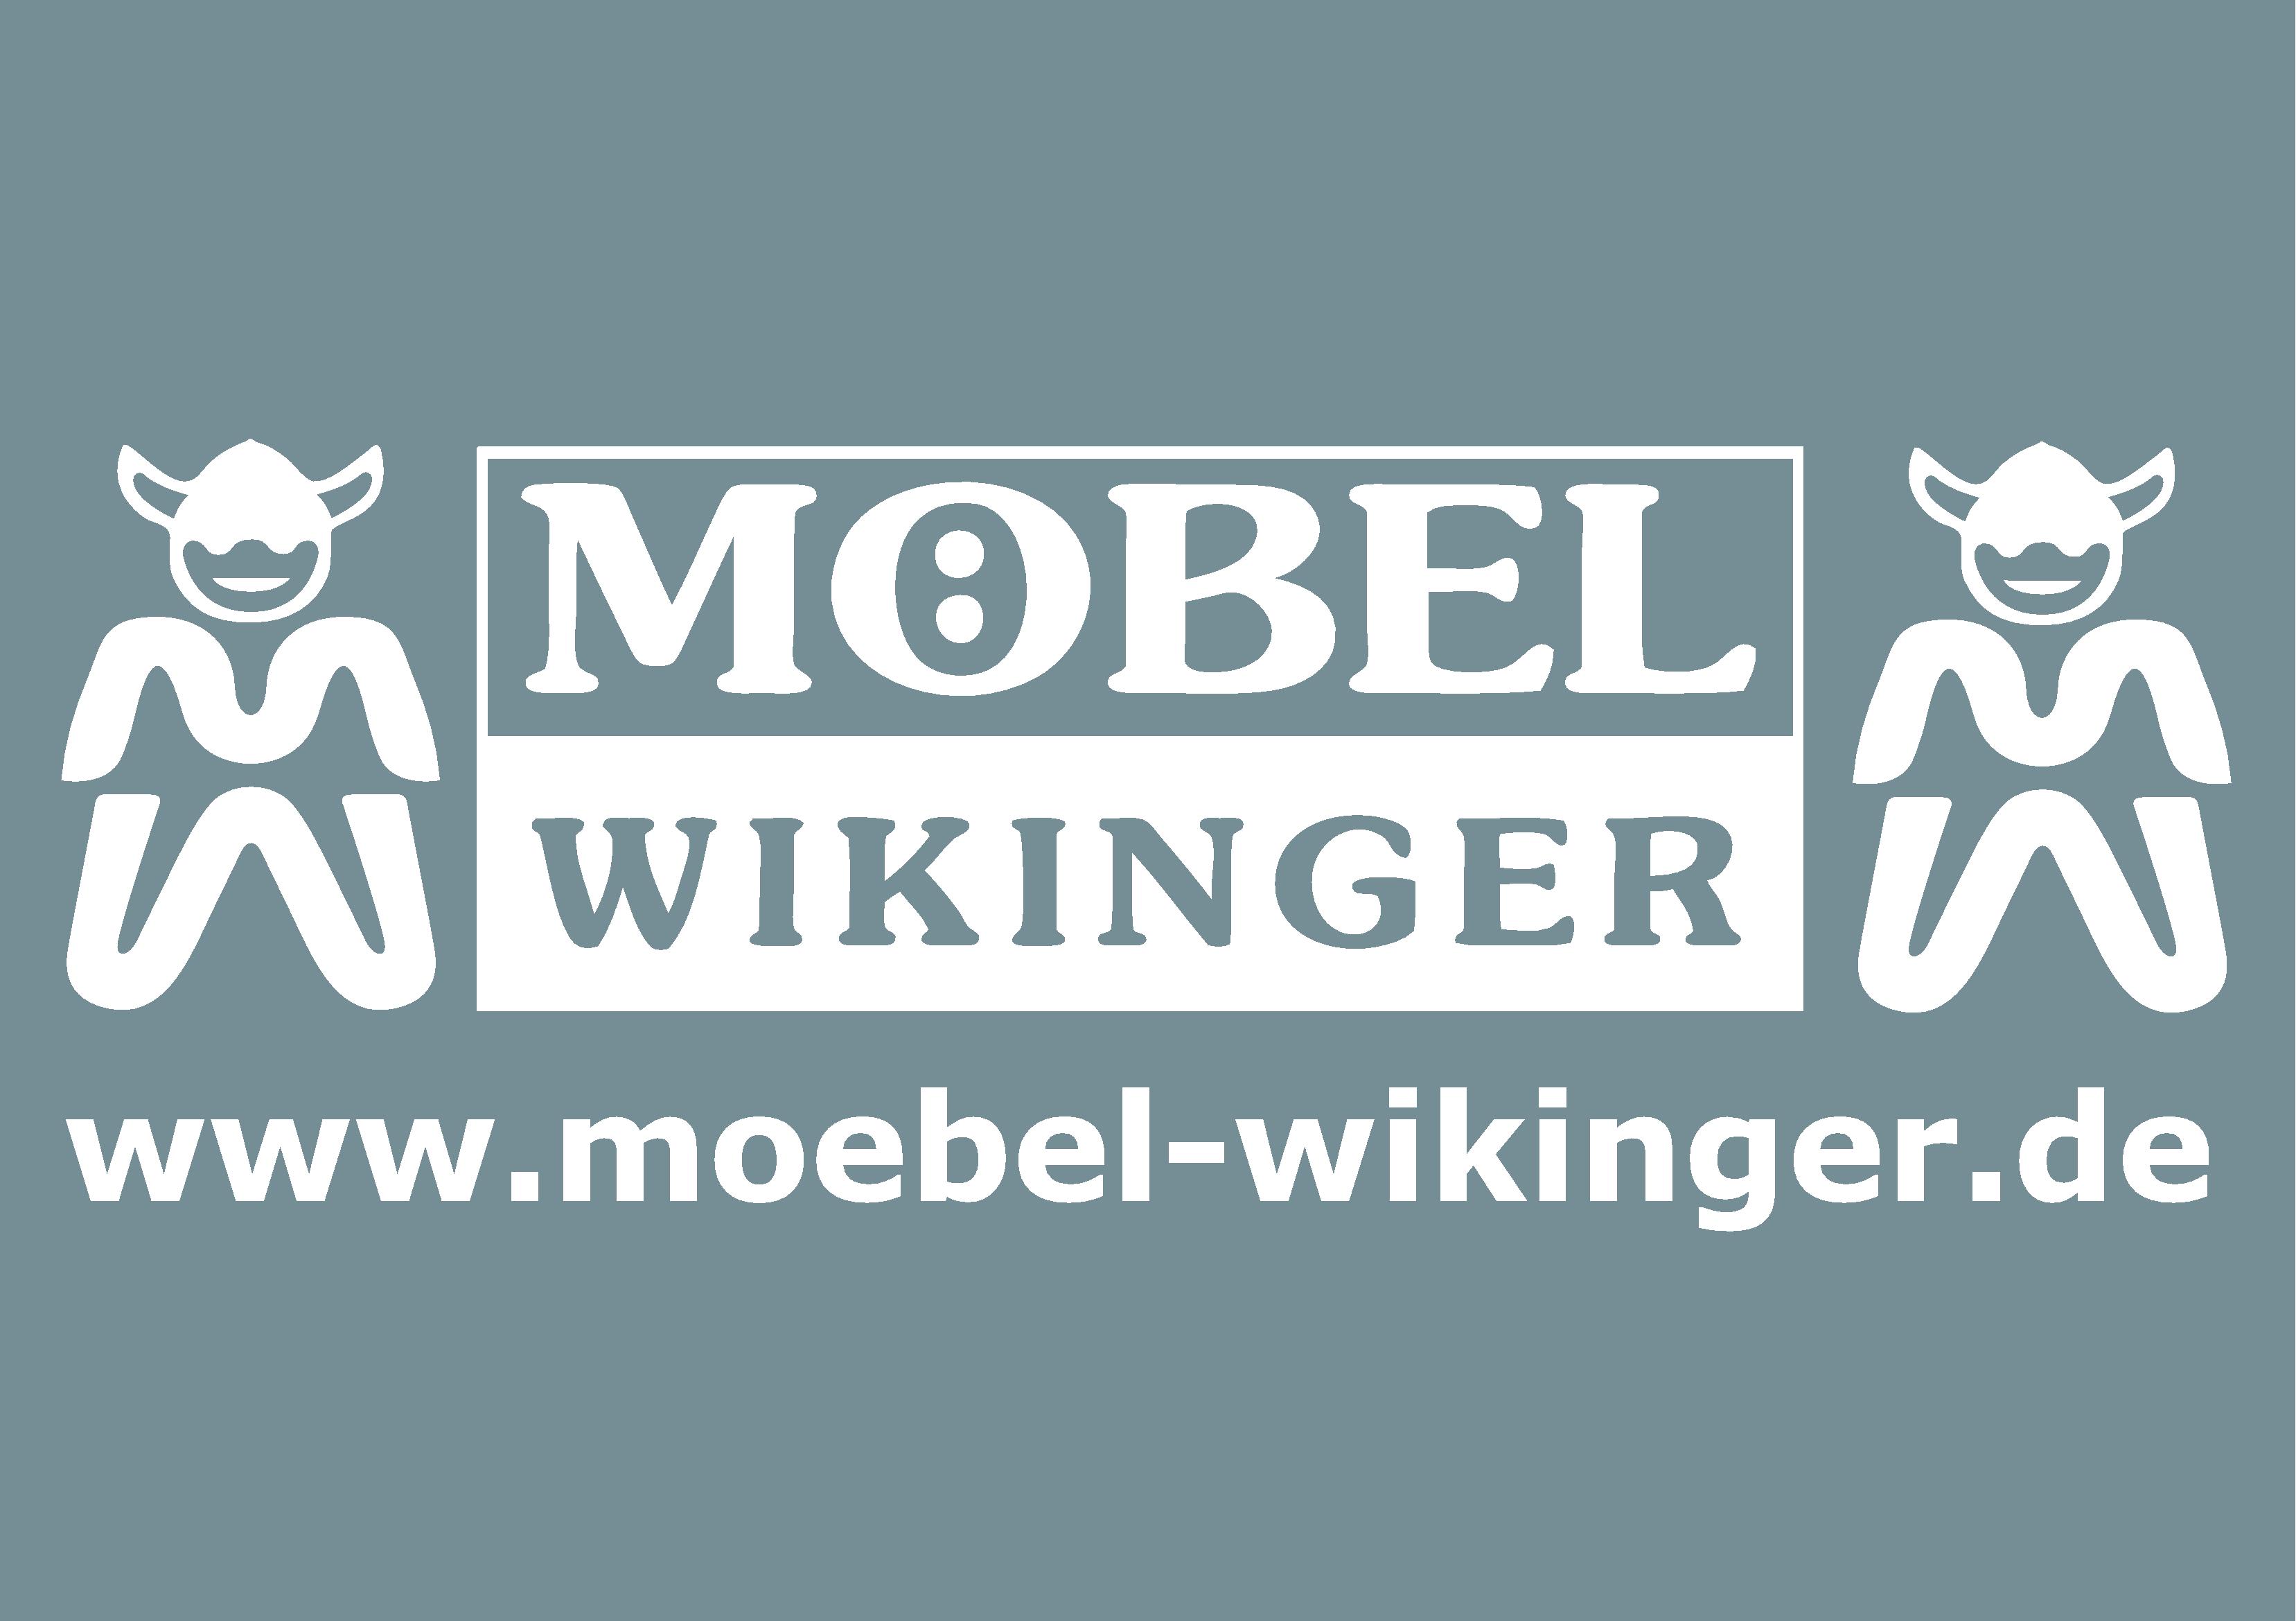 die-moebel-wikinger-gmbh-rostock logo